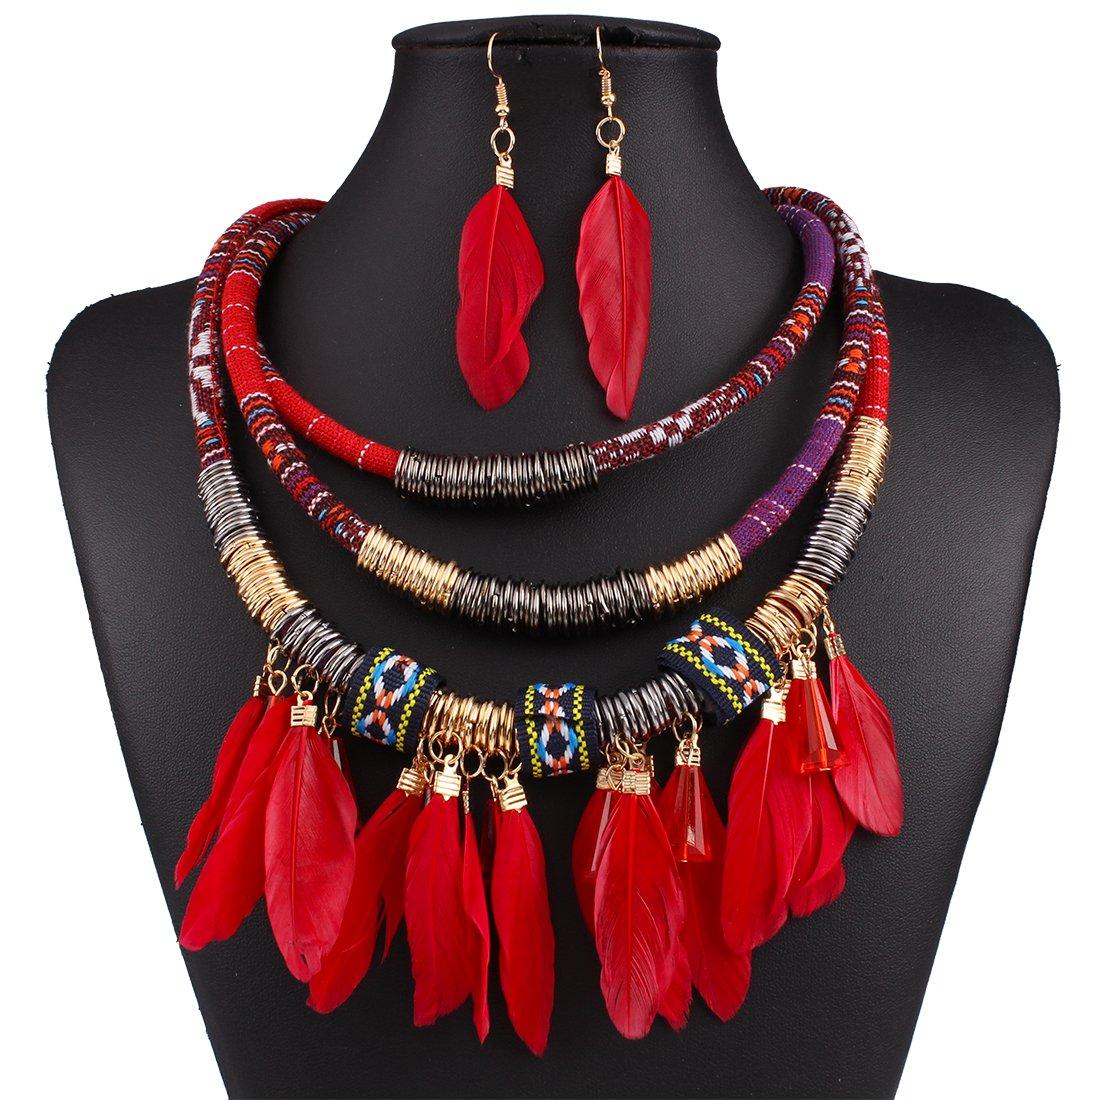 ZeHui Ensemble de bijoux Collier plastron multi-couches à plumes Style tribal Boucles d'oreilles, rouge